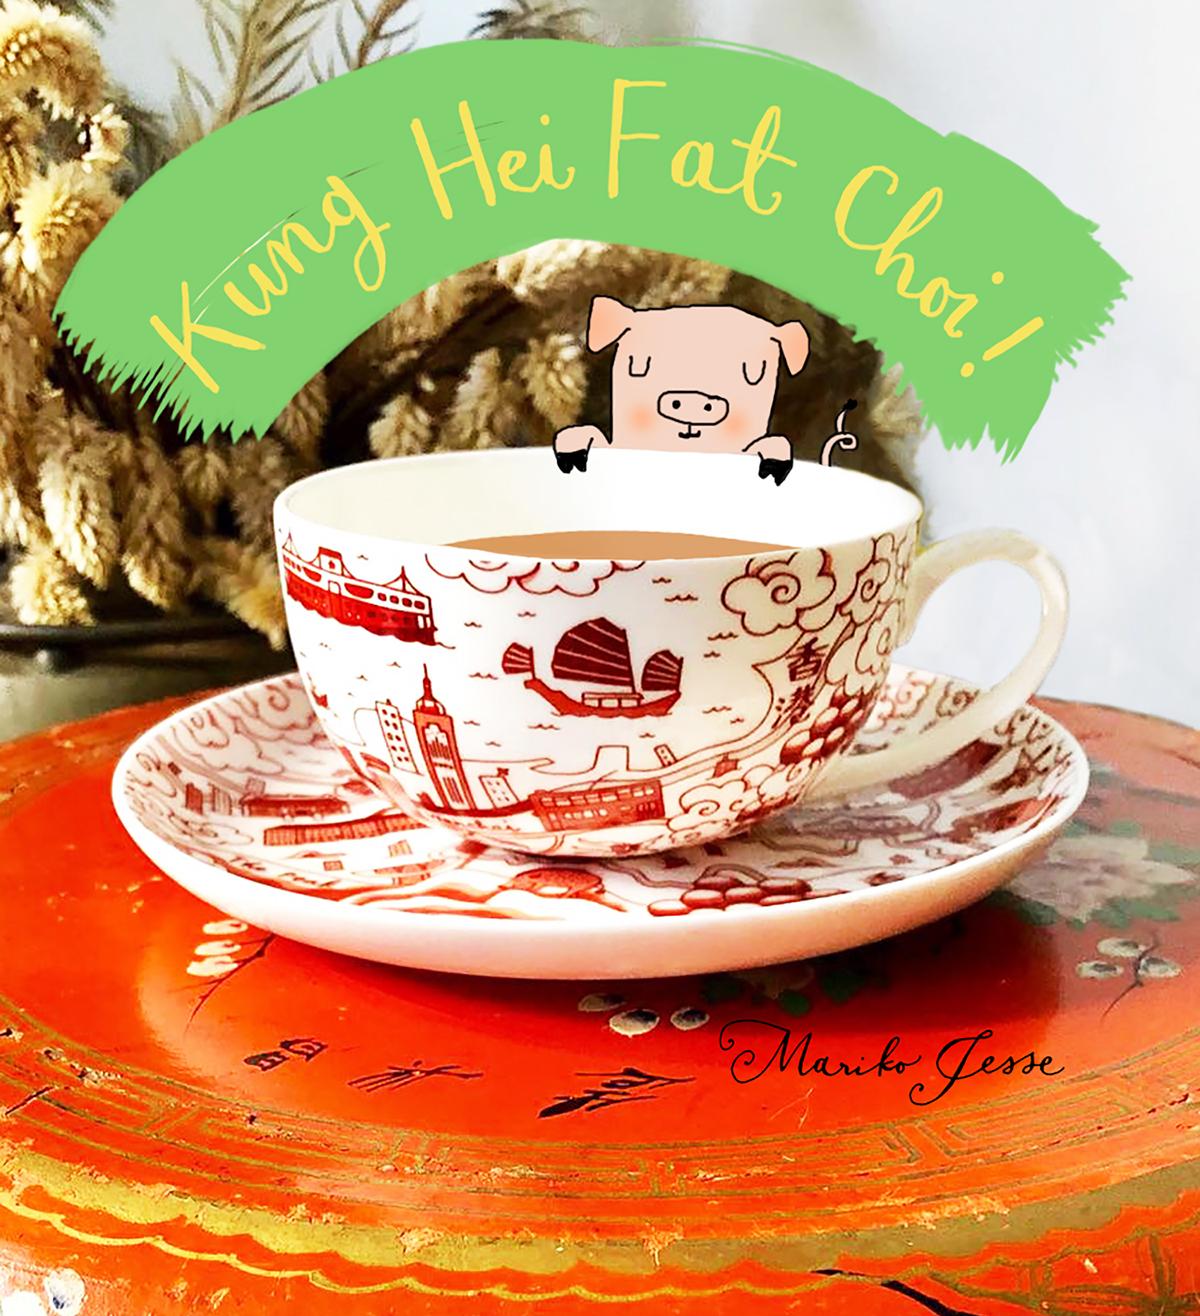 HK willow teacup pig.jpg